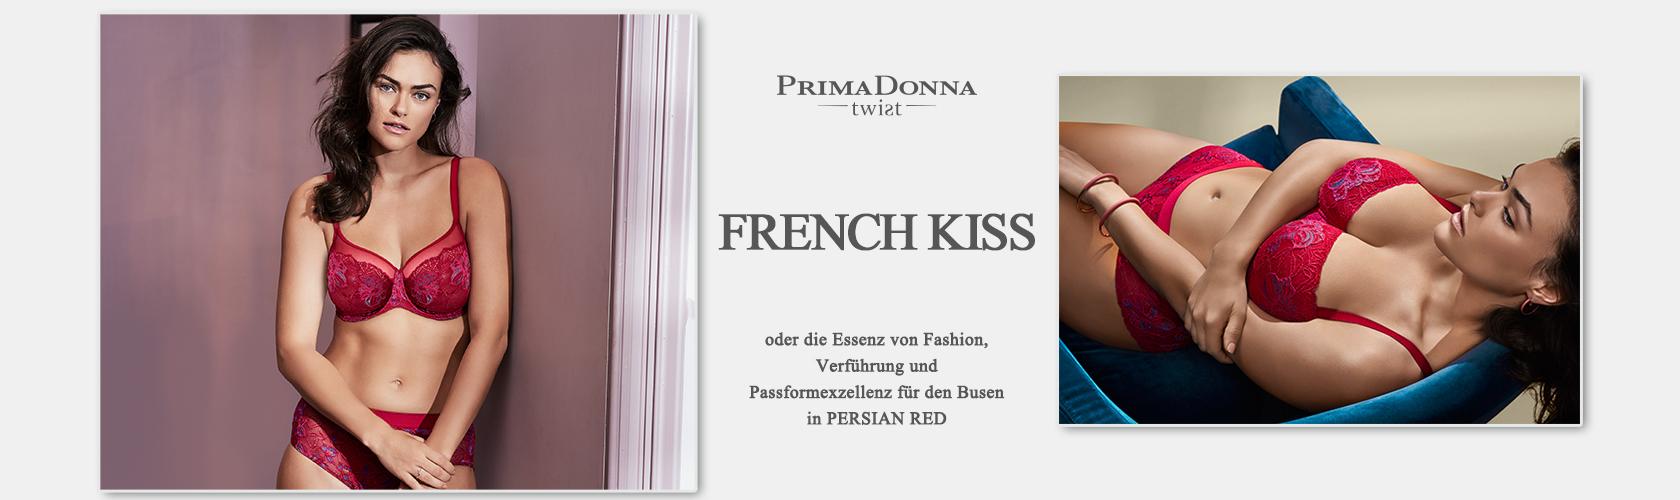 Slideshow FRENCH KISS PRR 7.9.